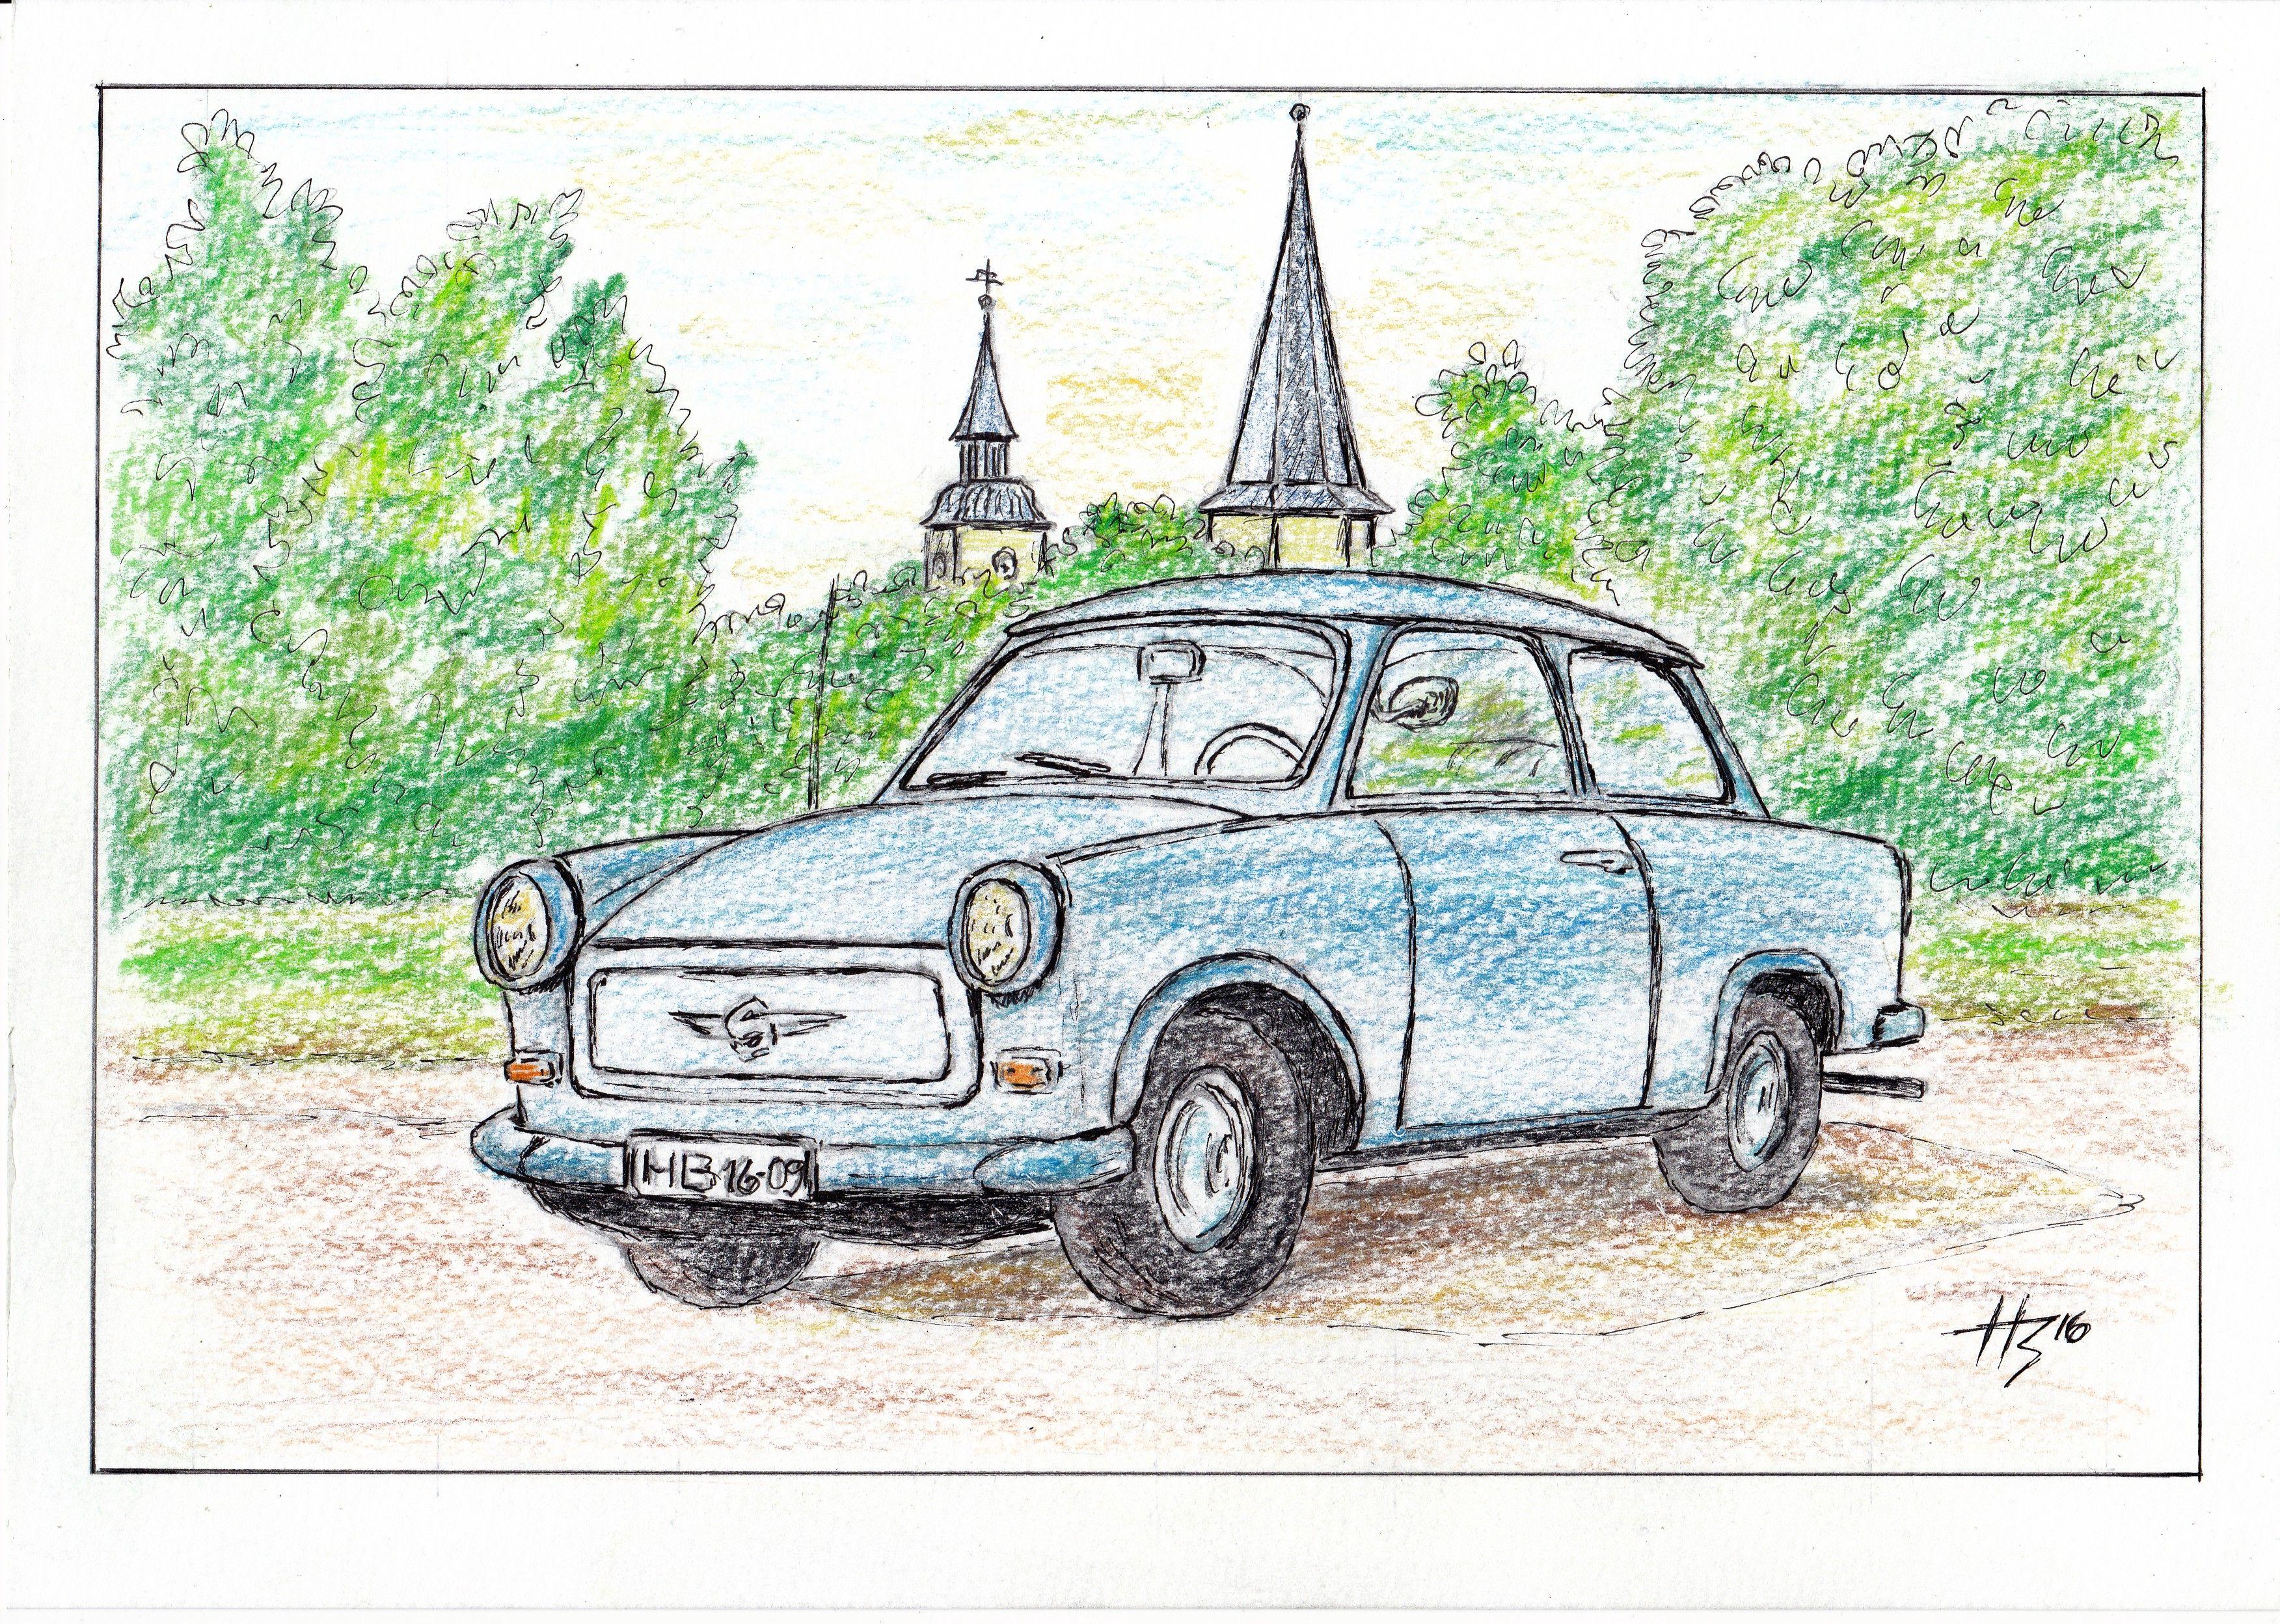 Der himmelblaue Trabant gez. Helmut Bisovski   Malen und ...